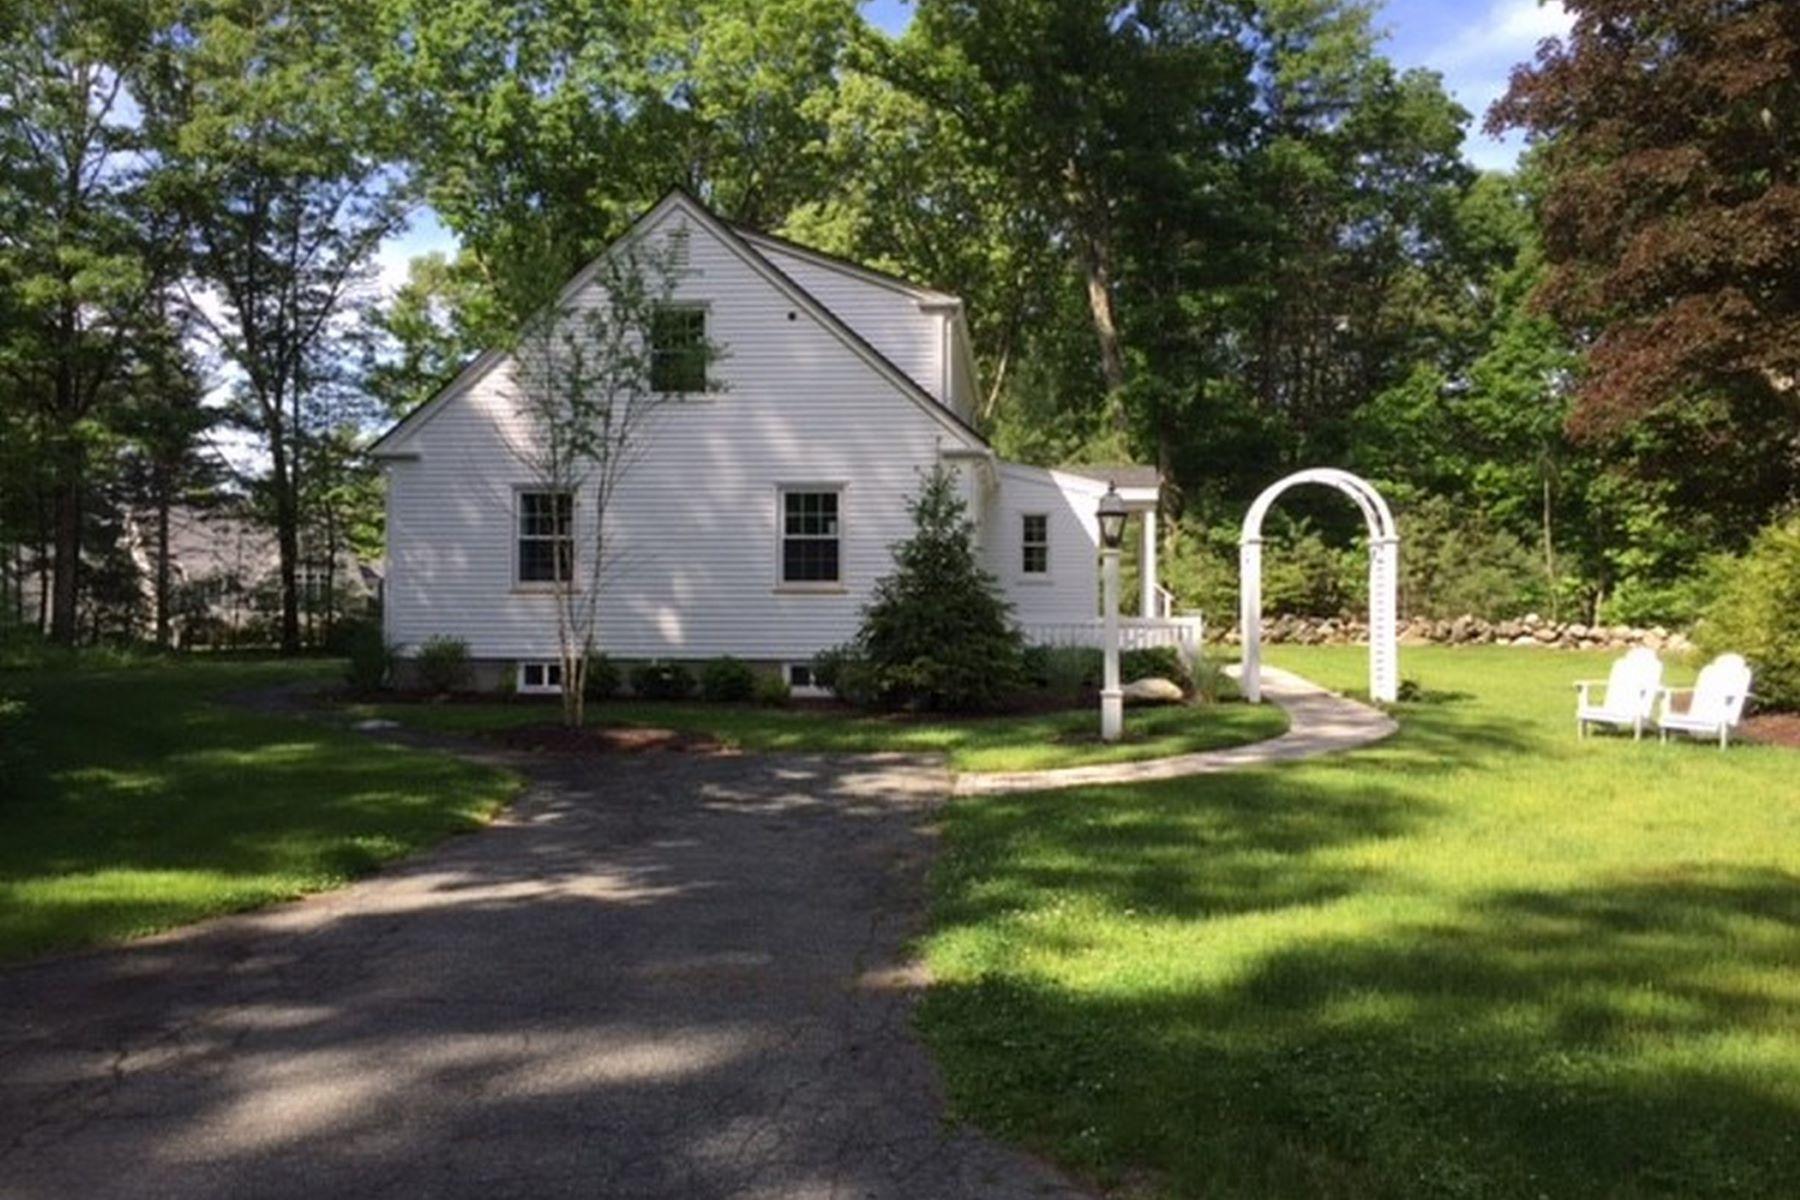 Другая жилая недвижимость для того Аренда на 943 Lowell Road, Concord 943 Lowell Rd Concord, Массачусетс 01742 Соединенные Штаты